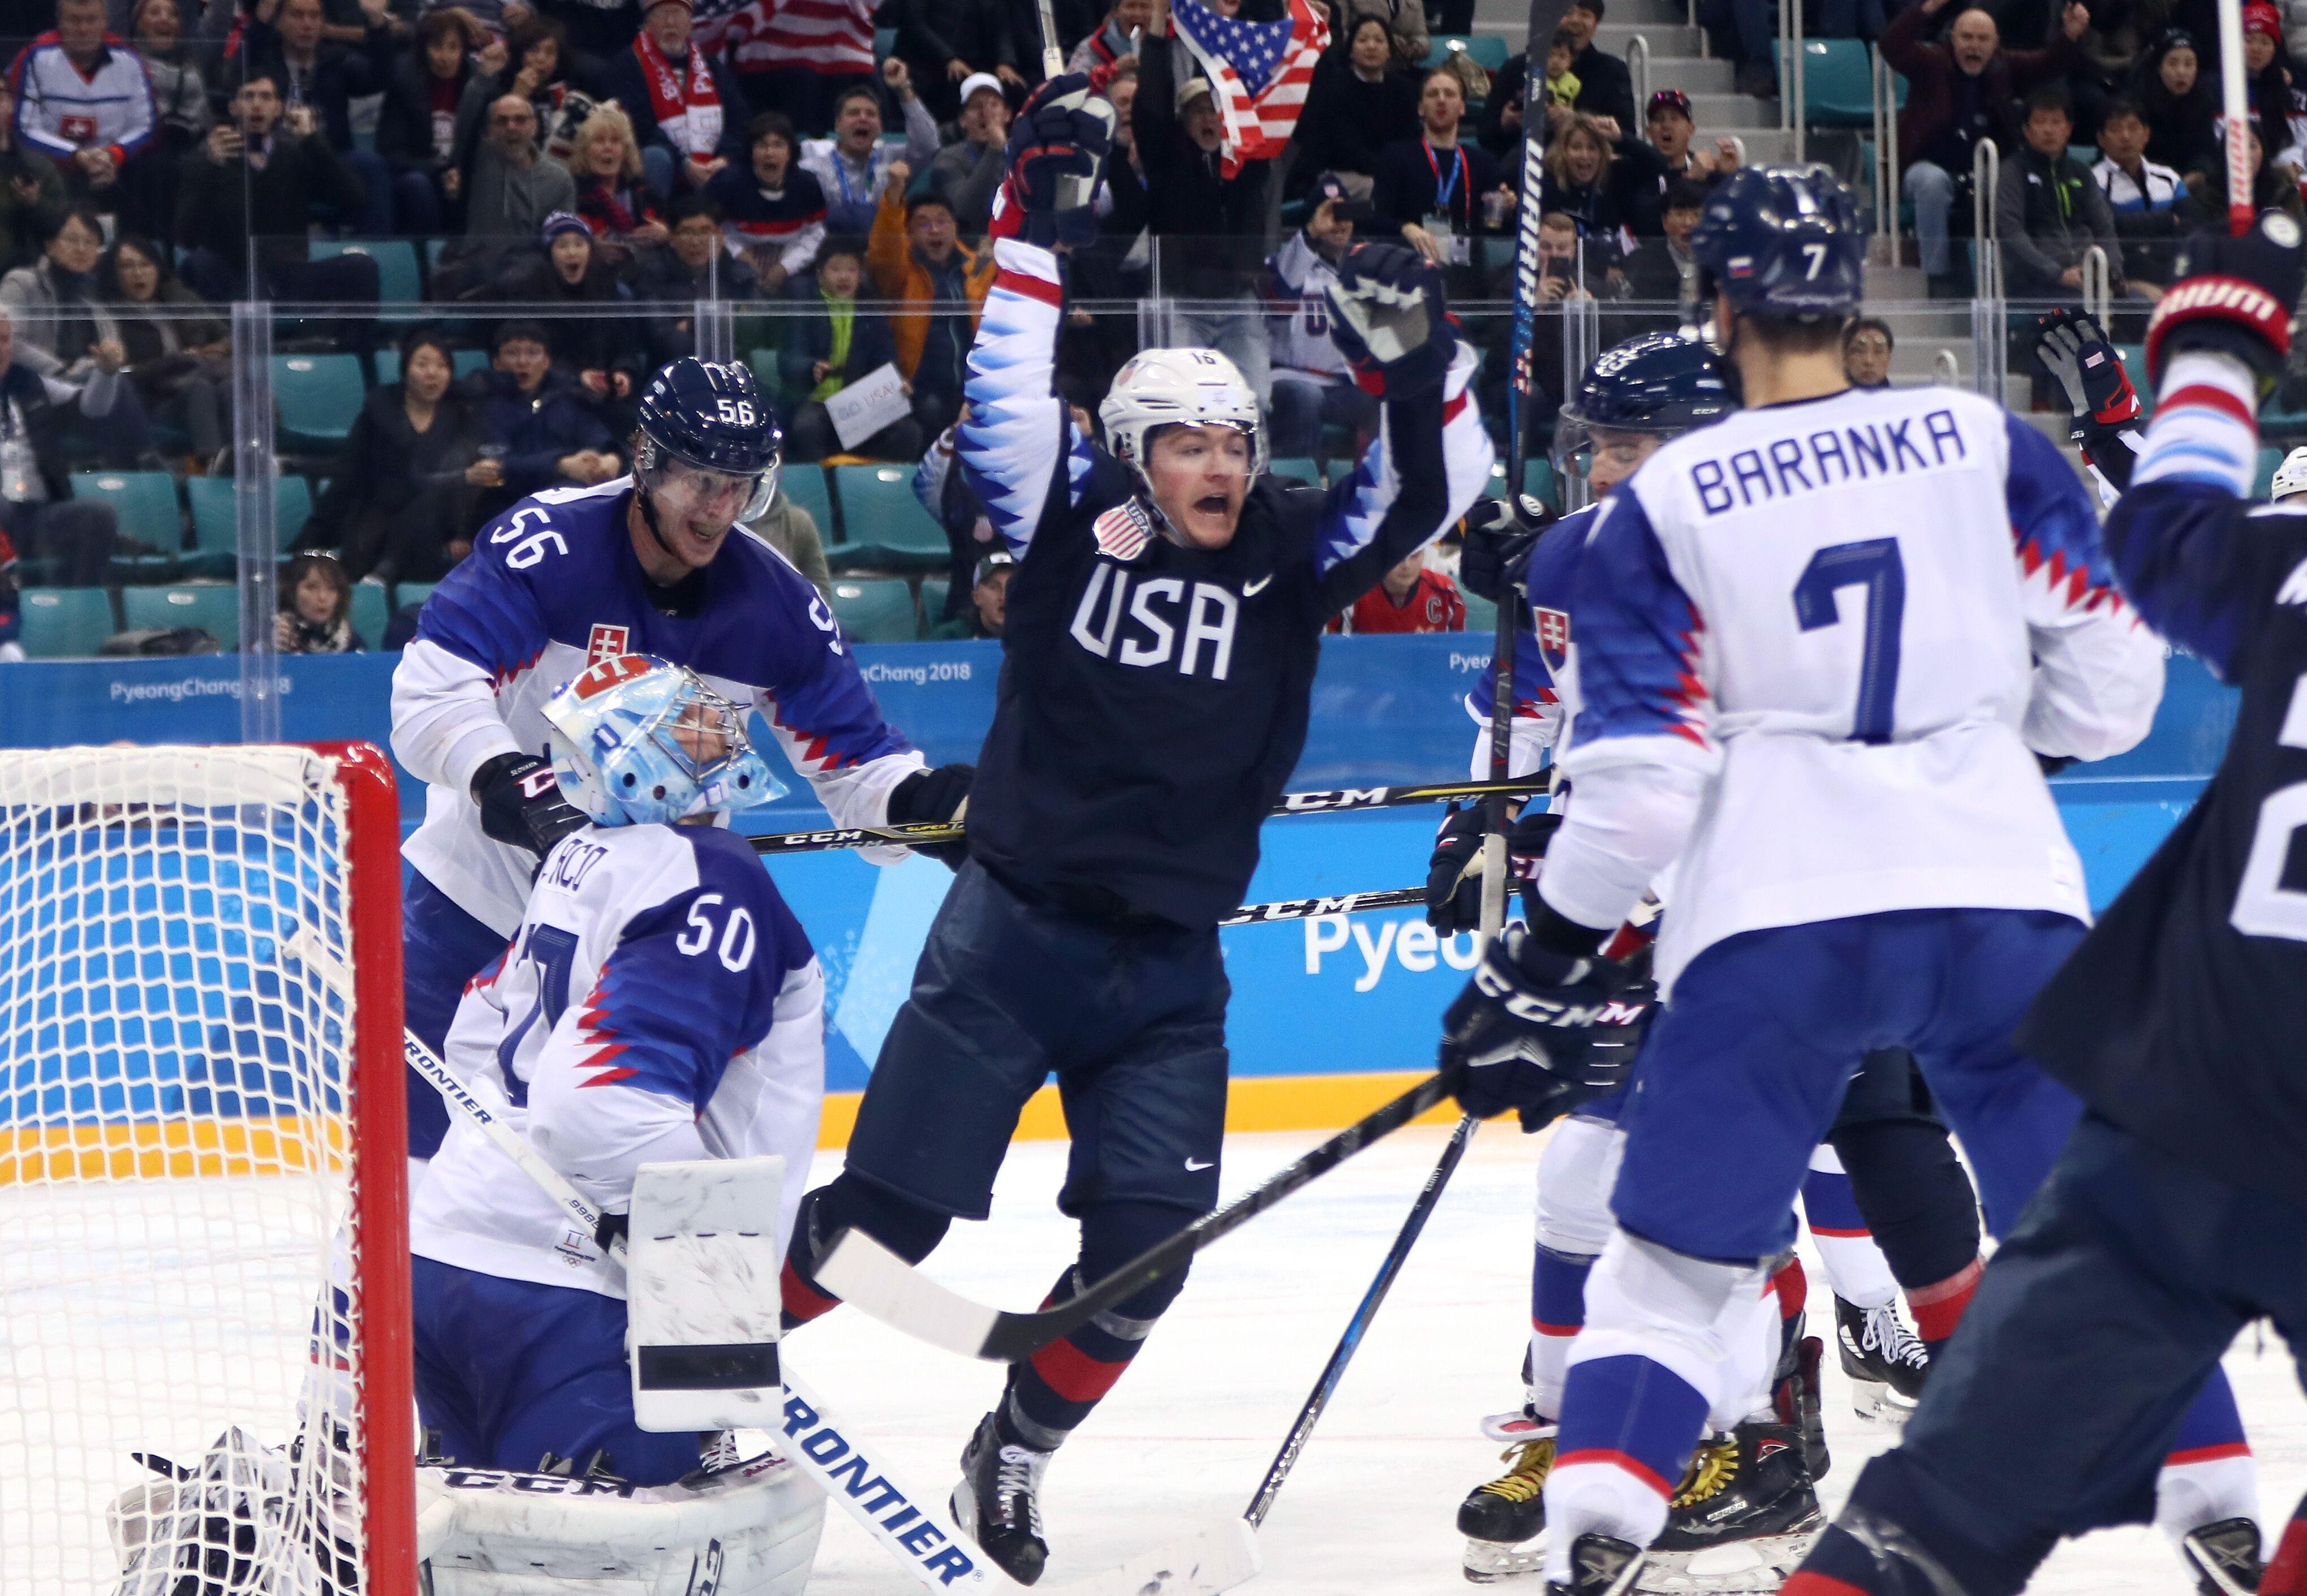 918834900-ice-hockey-winter-olympics-day-7.jpg